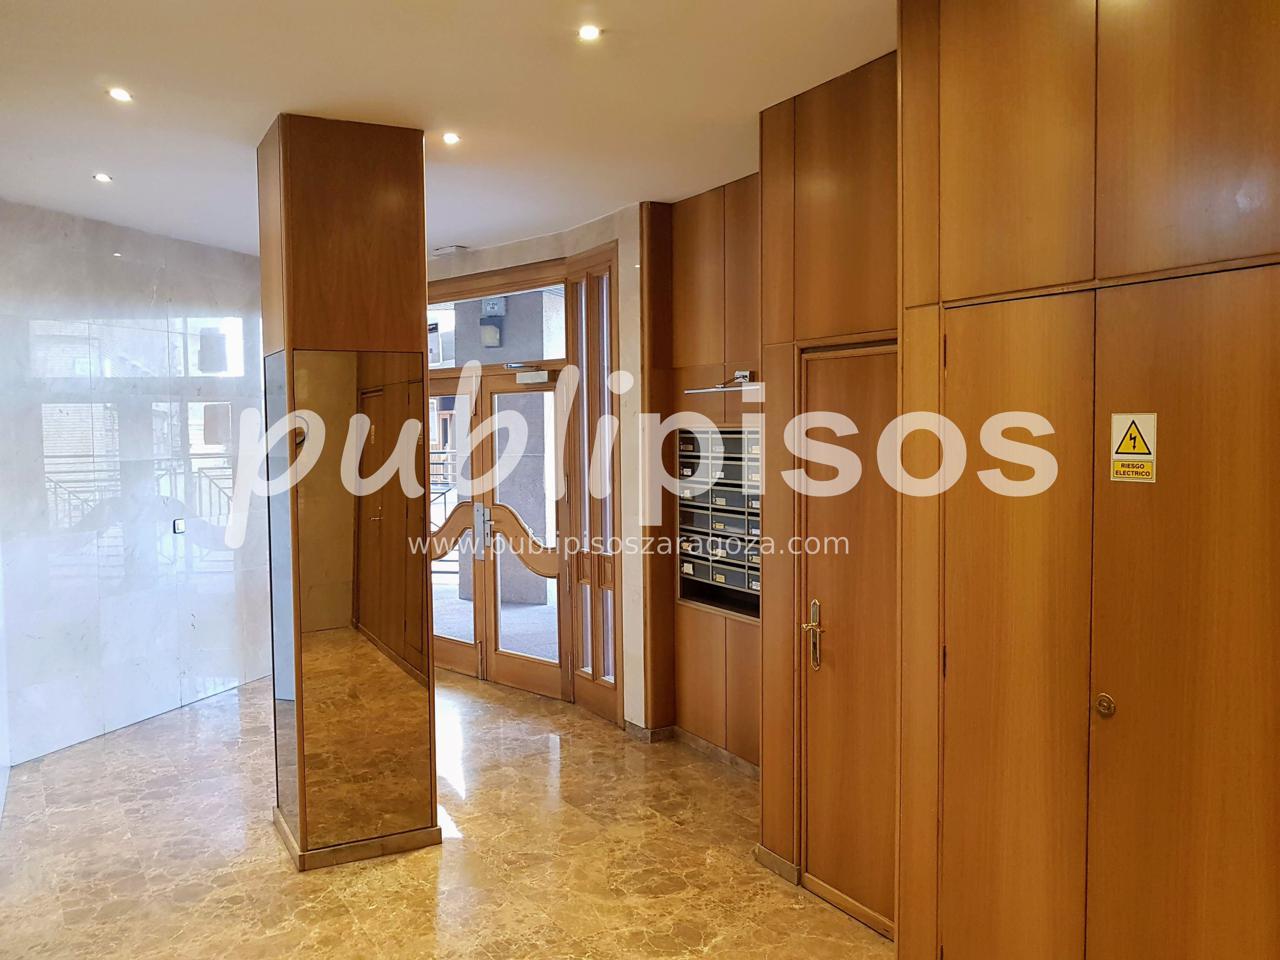 Piso alquiler con garaje y vistas centro Zaragoza-4